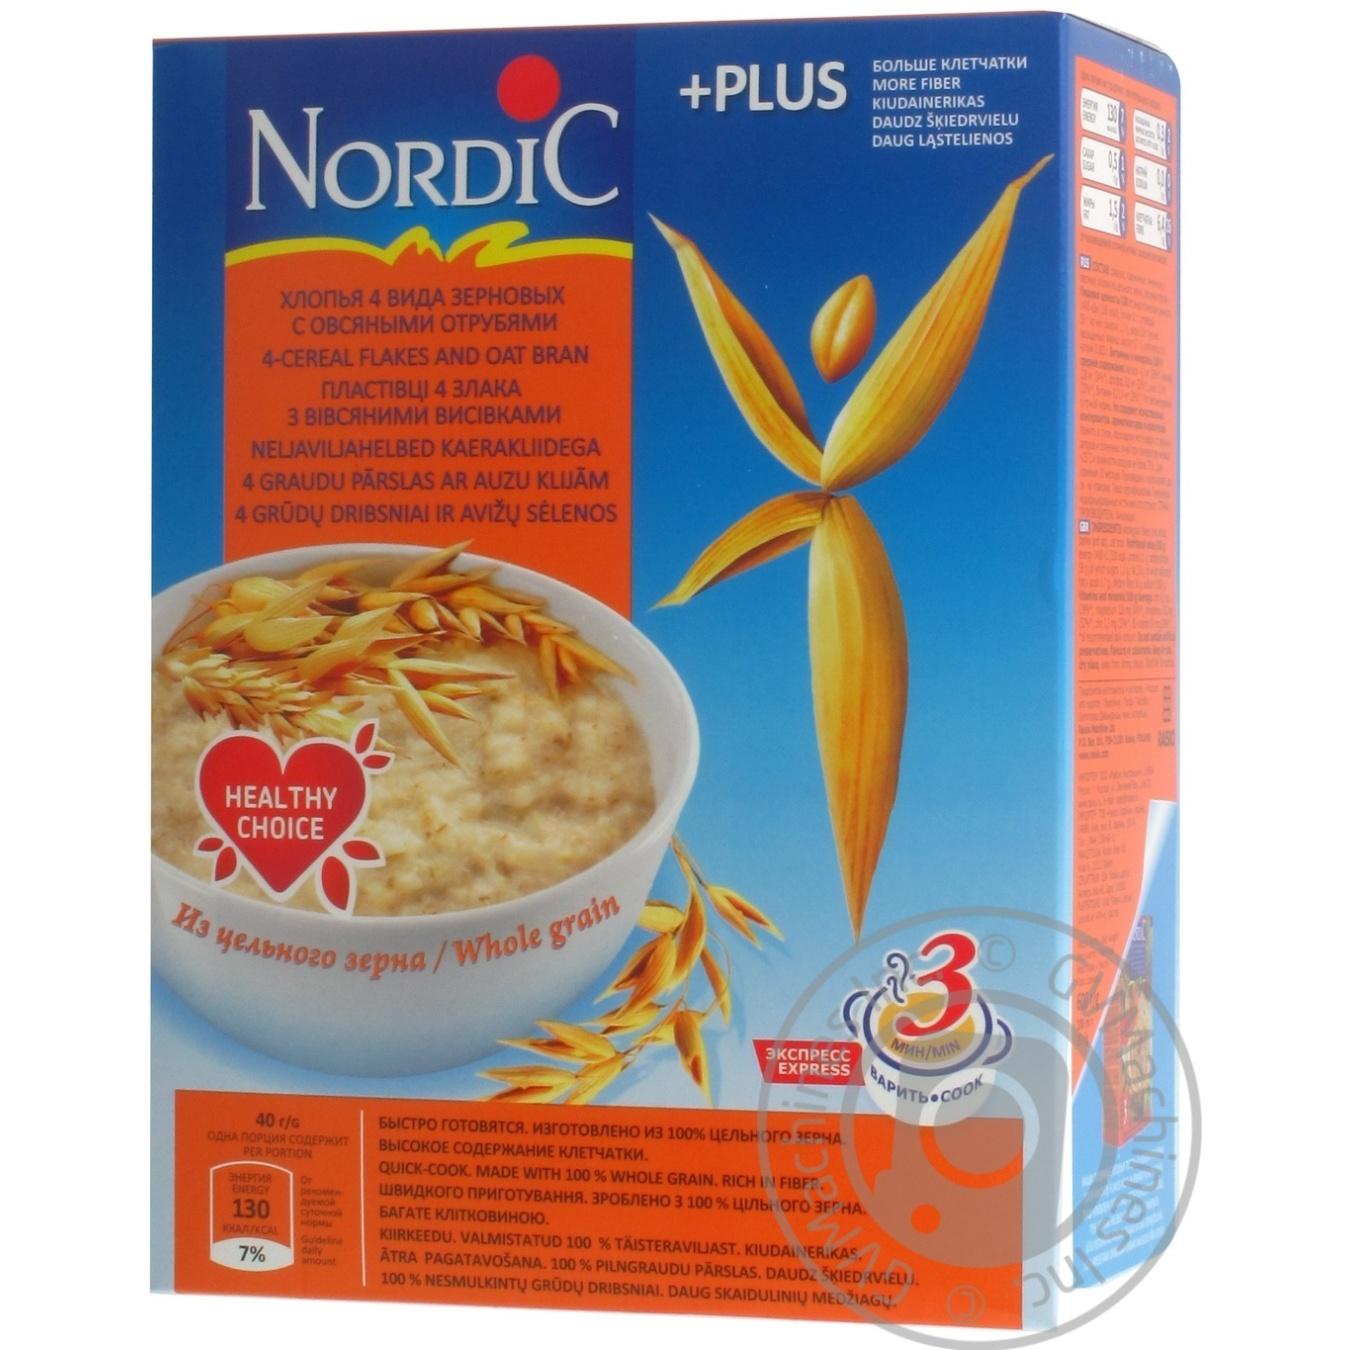 Хлопья злаковые Нордик 4 вида зерновых с овсяными отрубями 600г